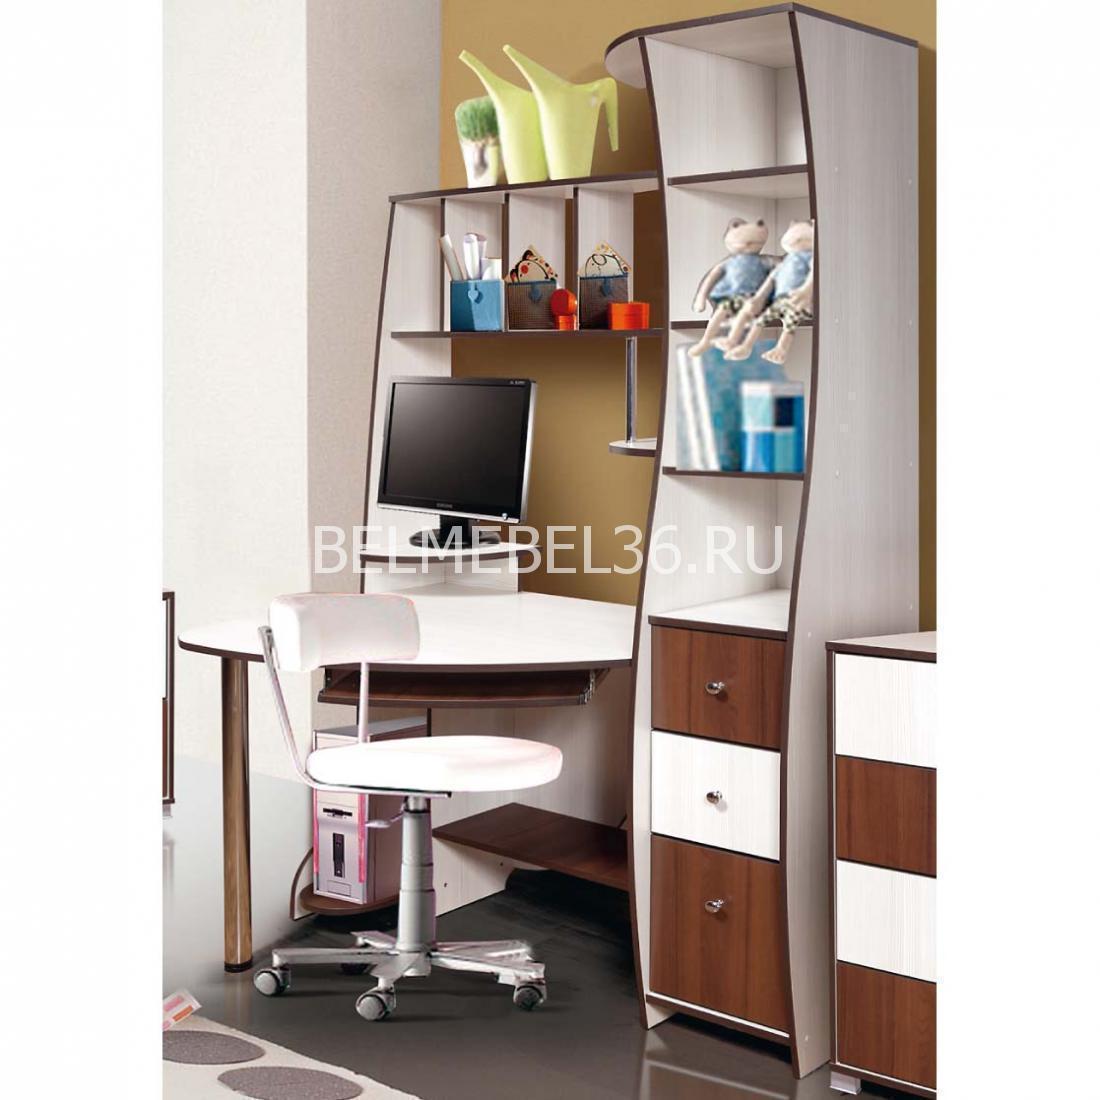 Стол для компьютера 04   Белорусская мебель в Воронеже